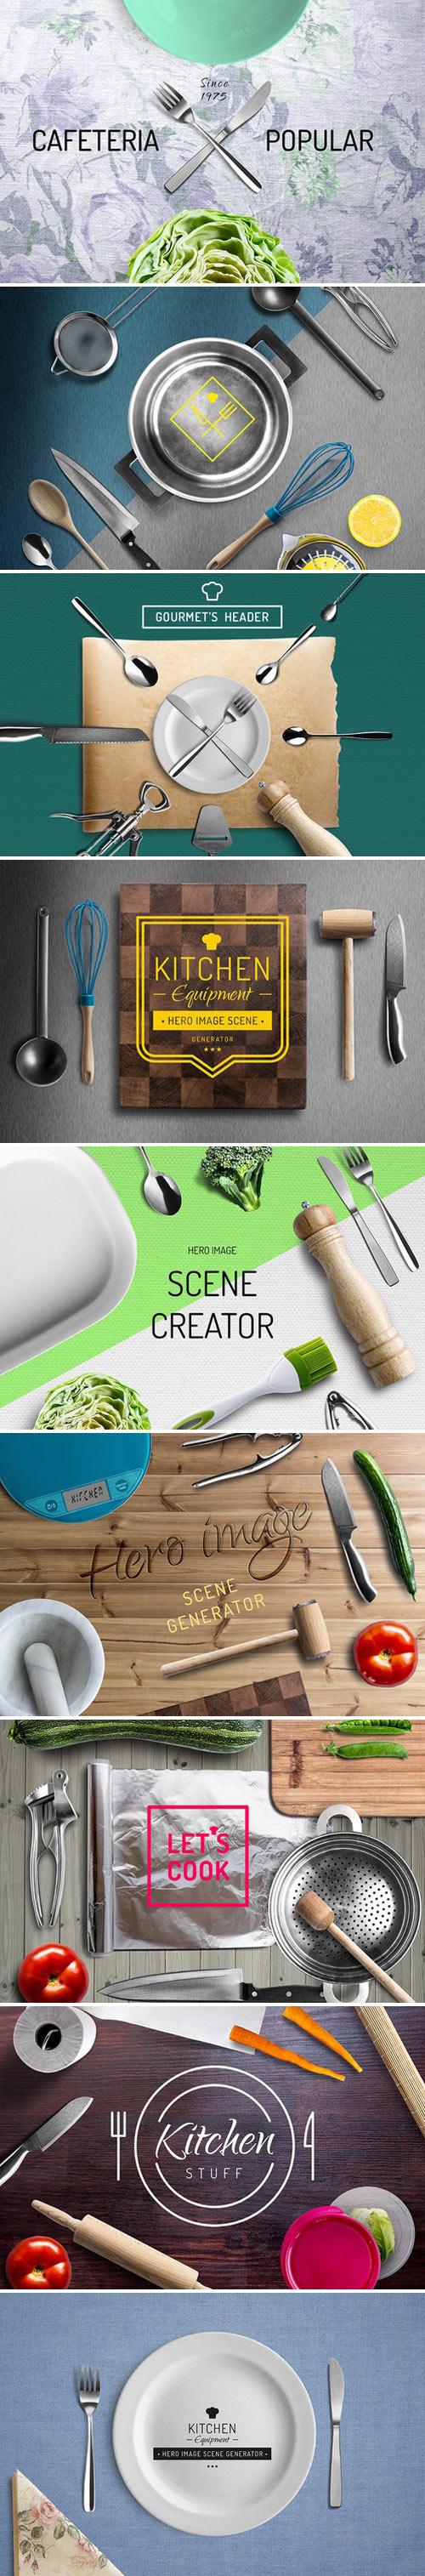 دانلود موکاپ وسایل آشپزخانه Mockup kitchen items